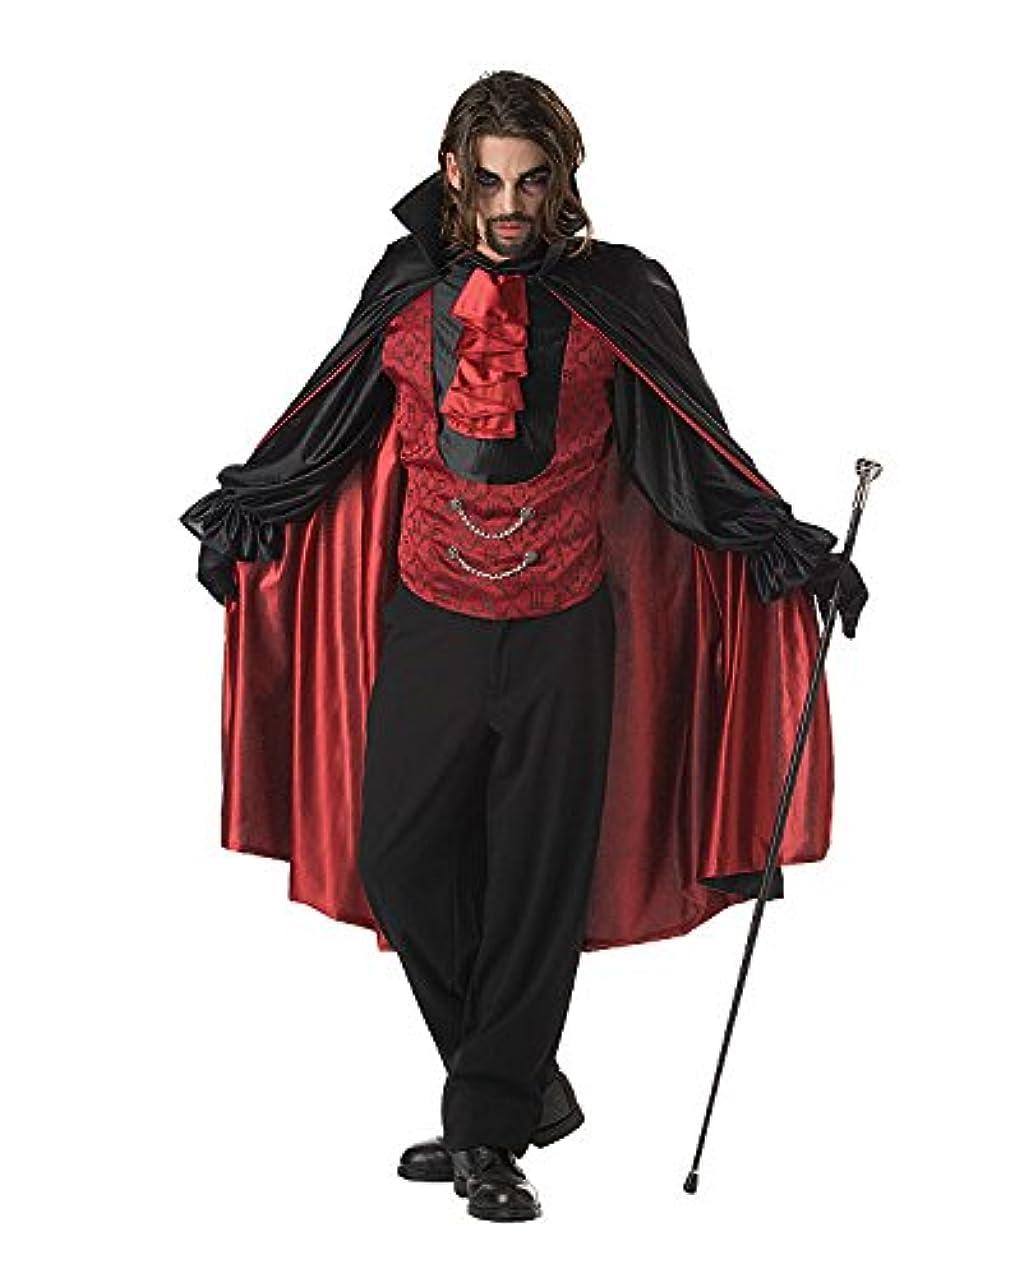 電圧ステートメントカタログハロウィン Count Bloodthirst コスチューム用小物 マルチカラー 男女共用